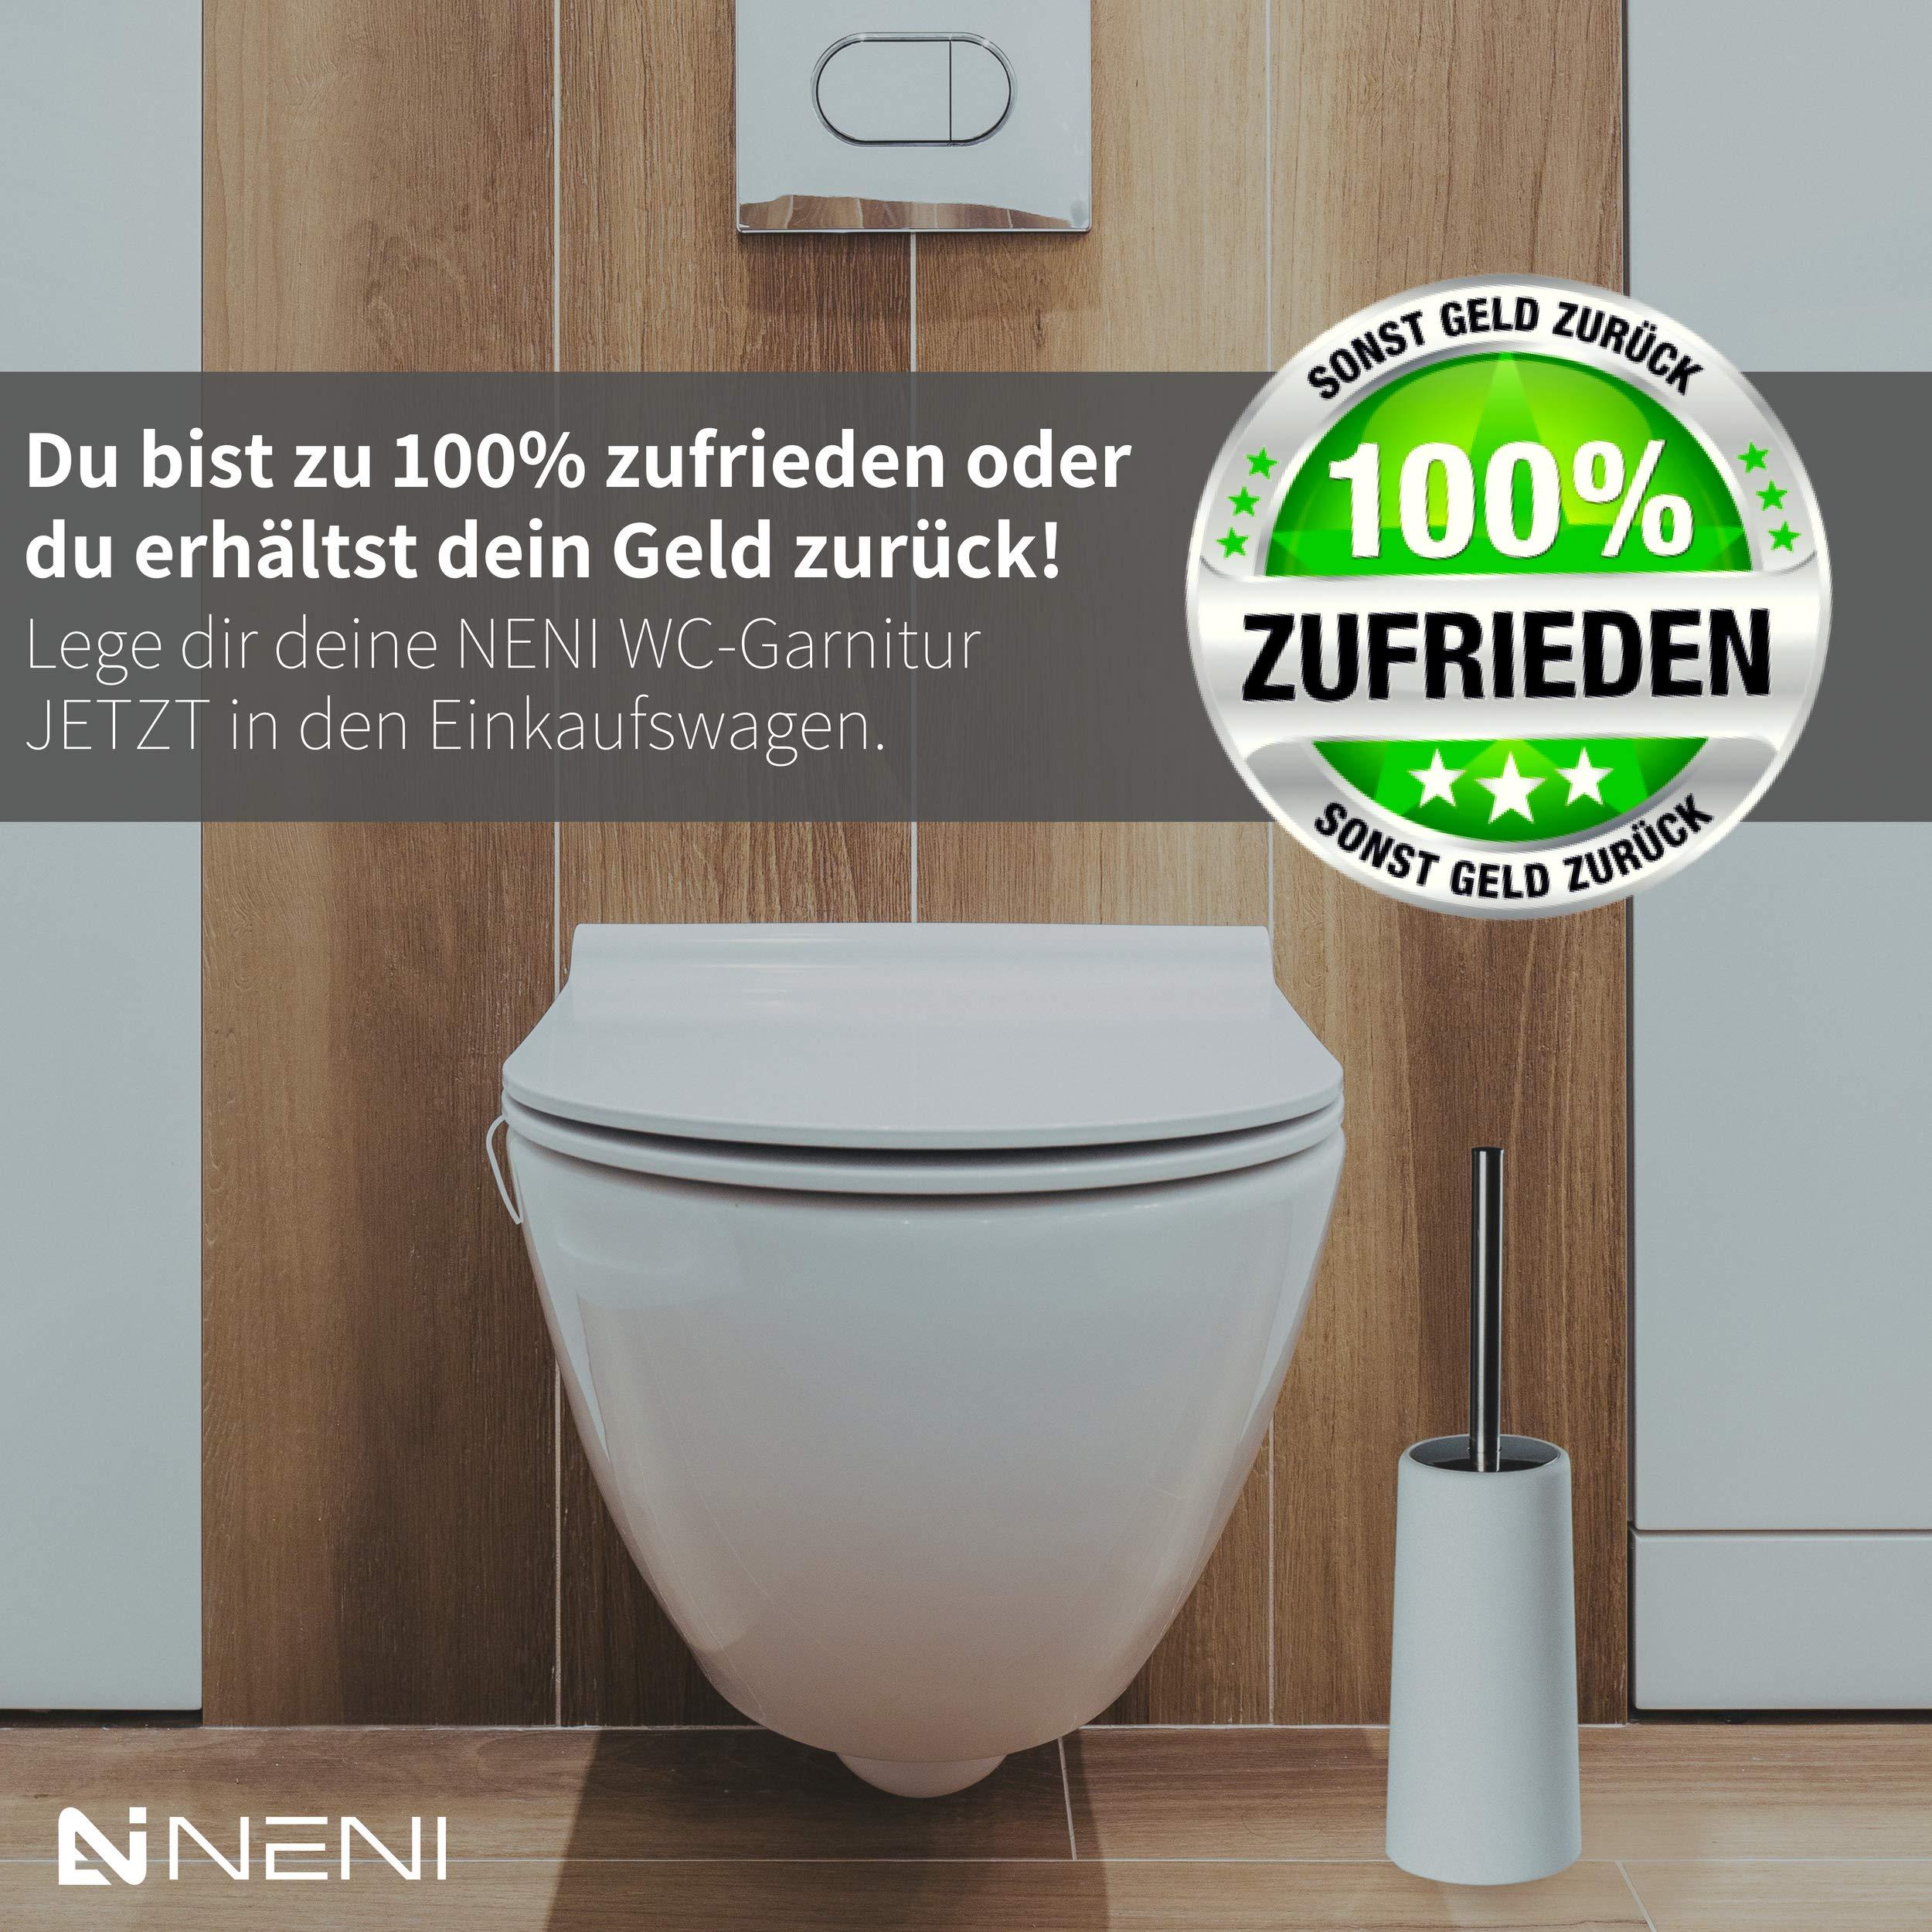 NENI WC-Bürste mit Halter in Weiß - Stabile Toilettenbürste mit rostfreiem Edelstahl-Griff - Moderne WC-Garnitur mit Geruchsstopp-Design